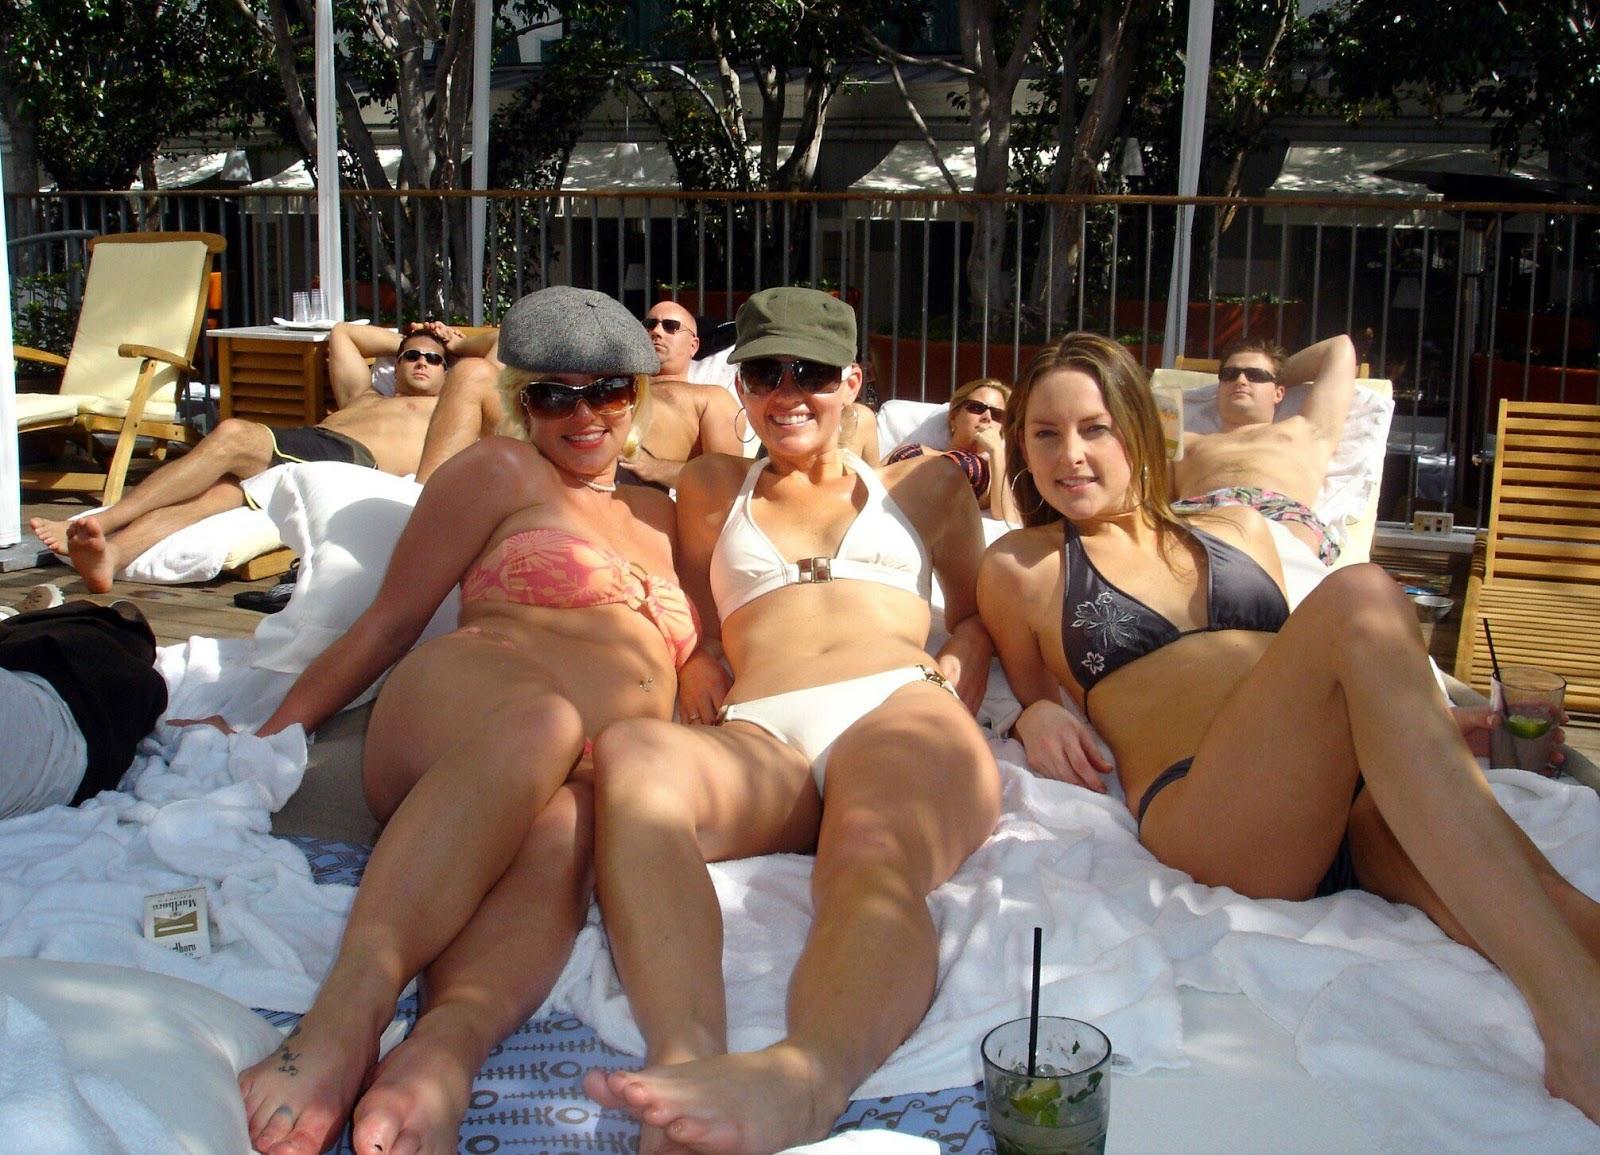 http://3.bp.blogspot.com/-dwqJluU2fCQ/UO1eOqMCZ_I/AAAAAAAAHAI/9hzV2QZhnIA/s1600/45767d1172924754-britney-spears-orange-bikini-bikini-buddies-92496_britbod21_122_116lo.jpg